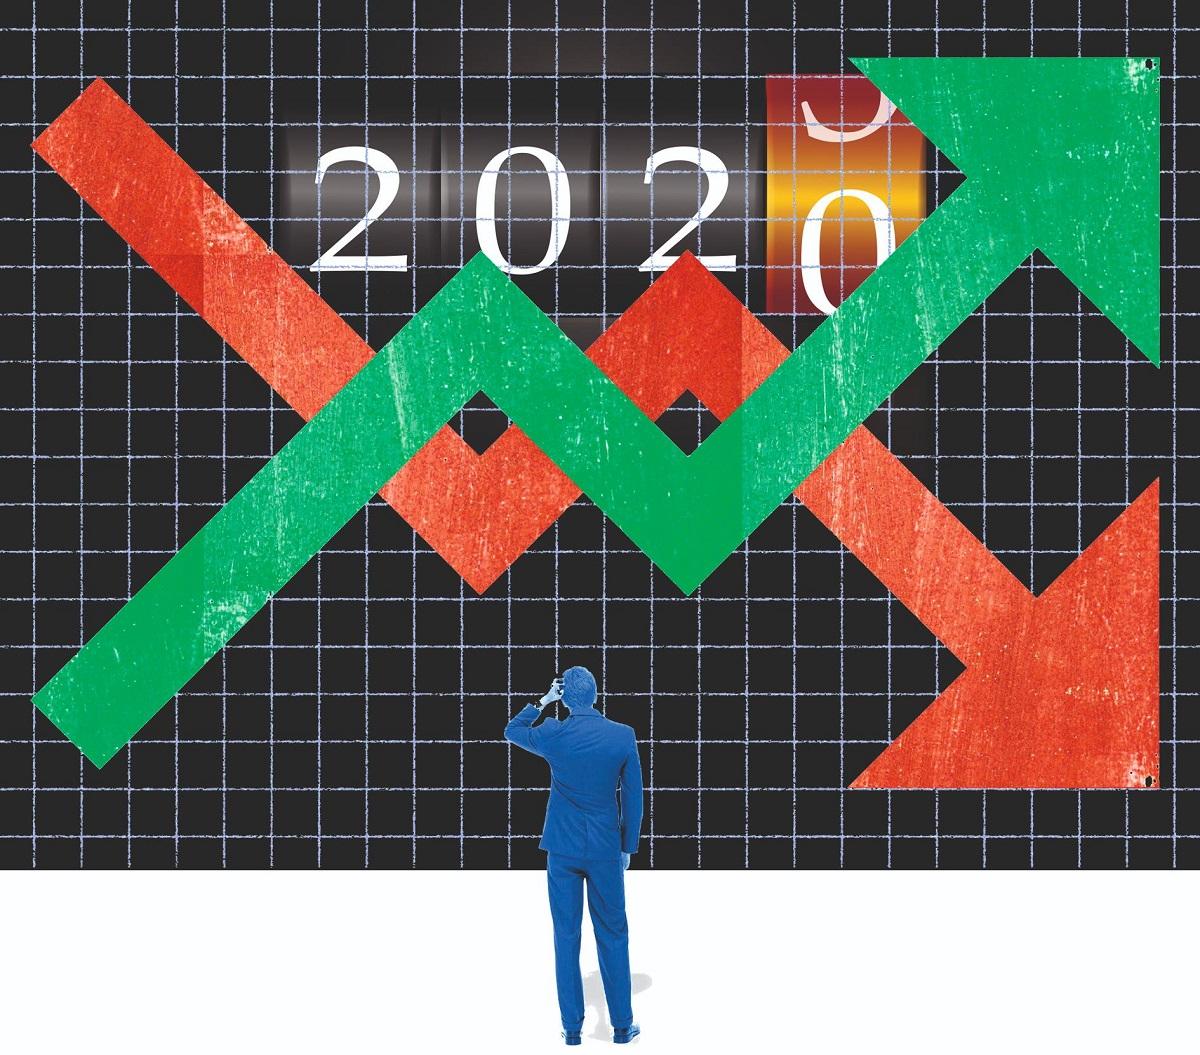 جردة حساب لبنانية مع العام 2020